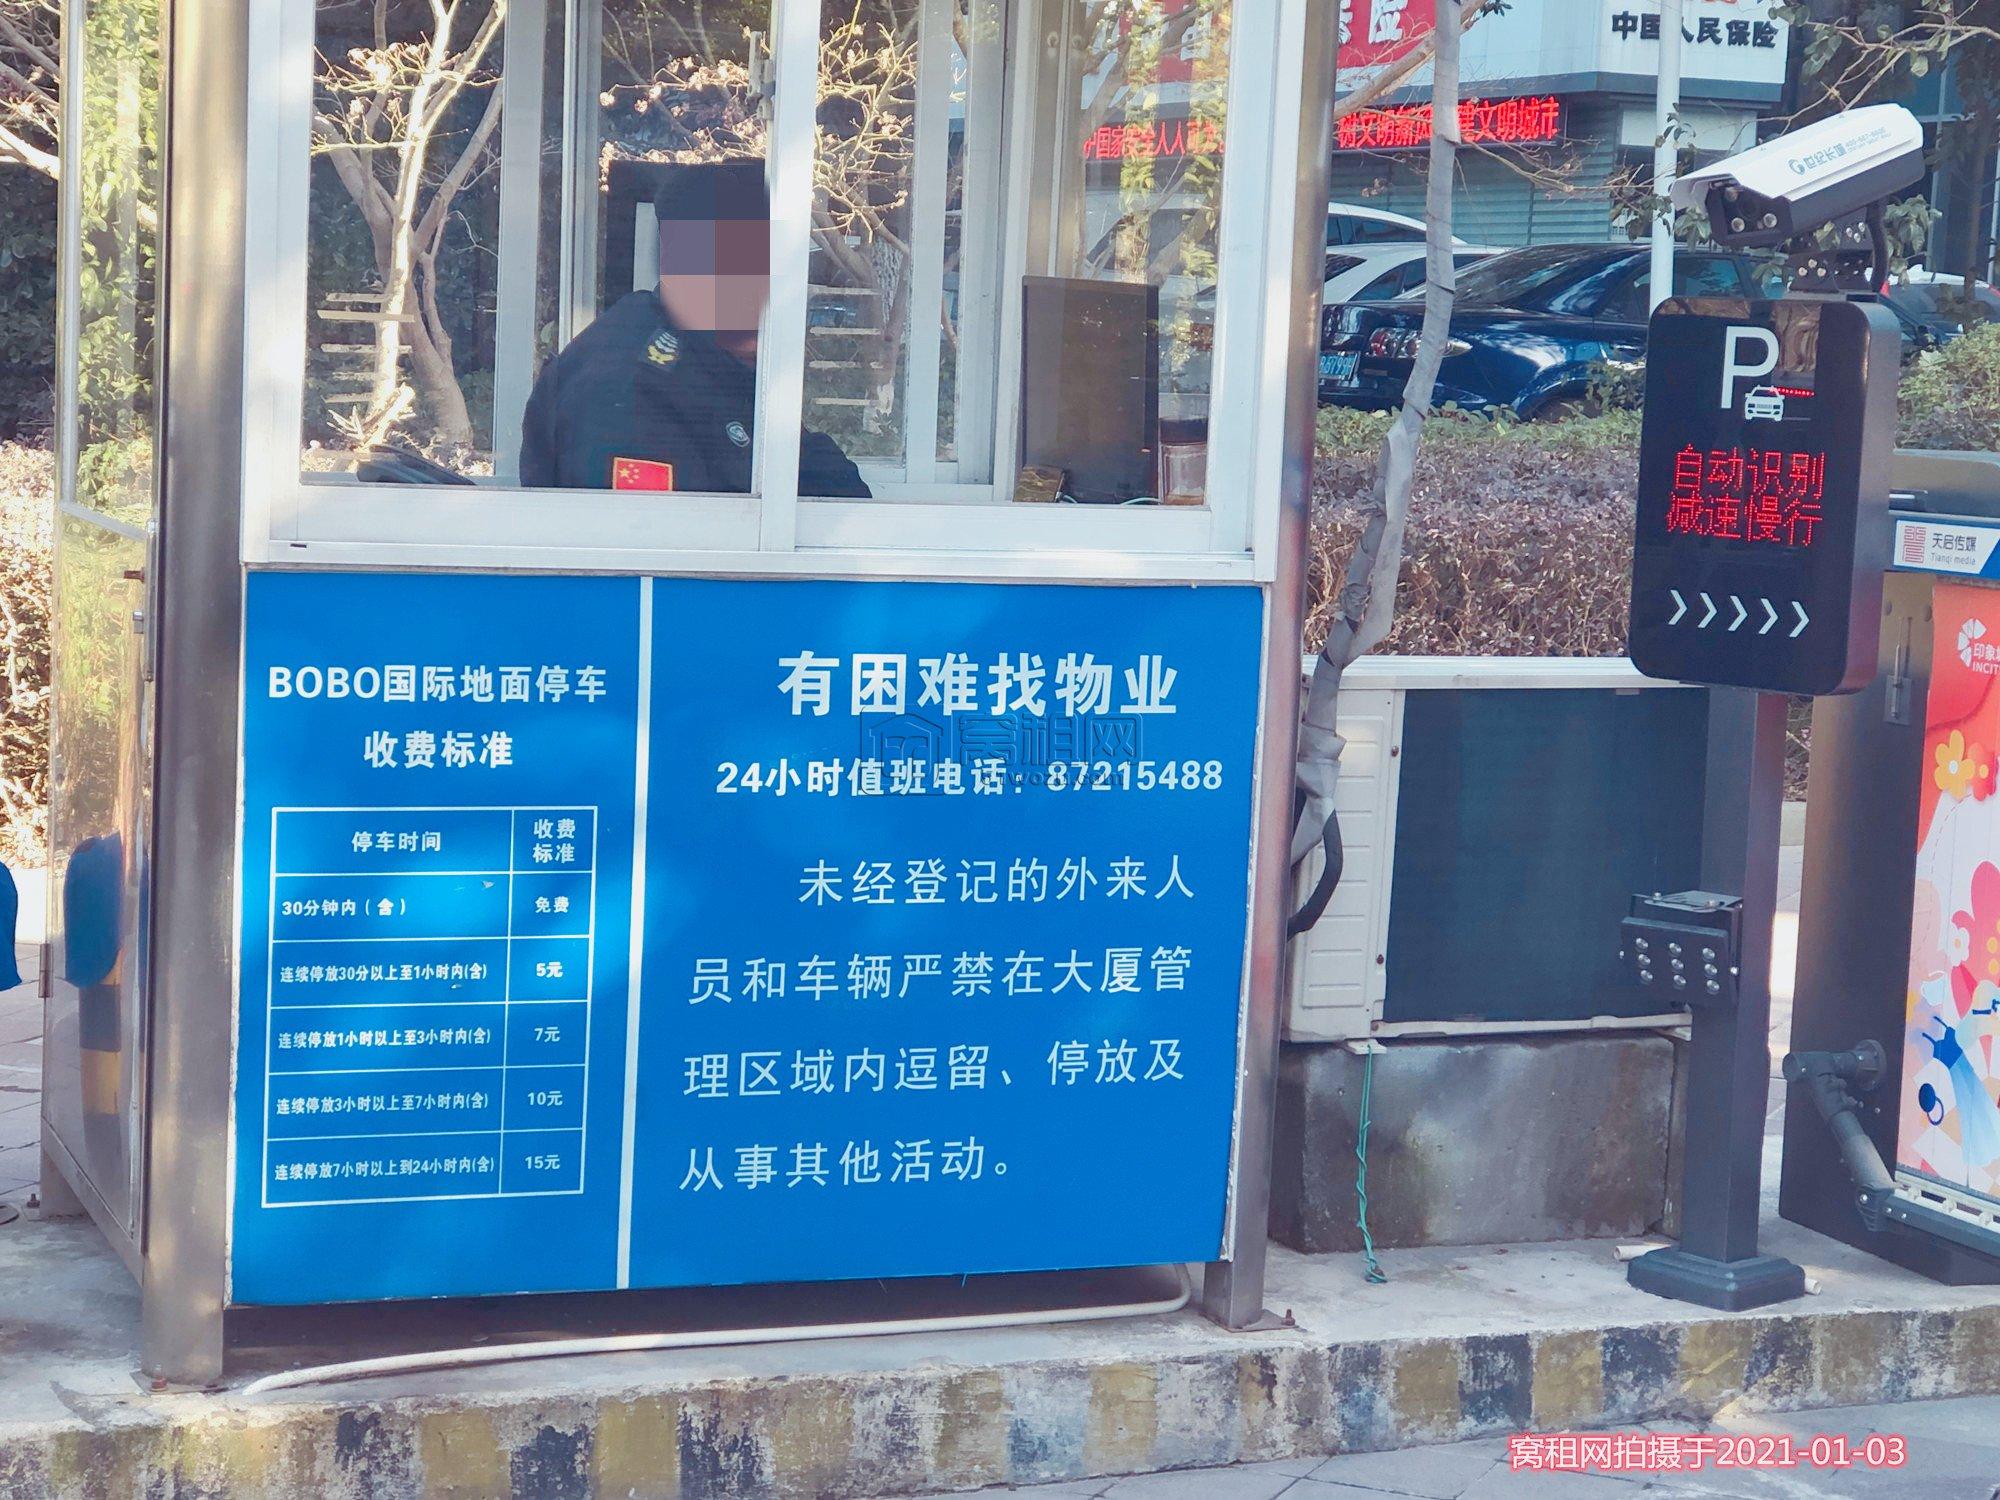 海曙区永丰路BOBO国际大厦停车收费